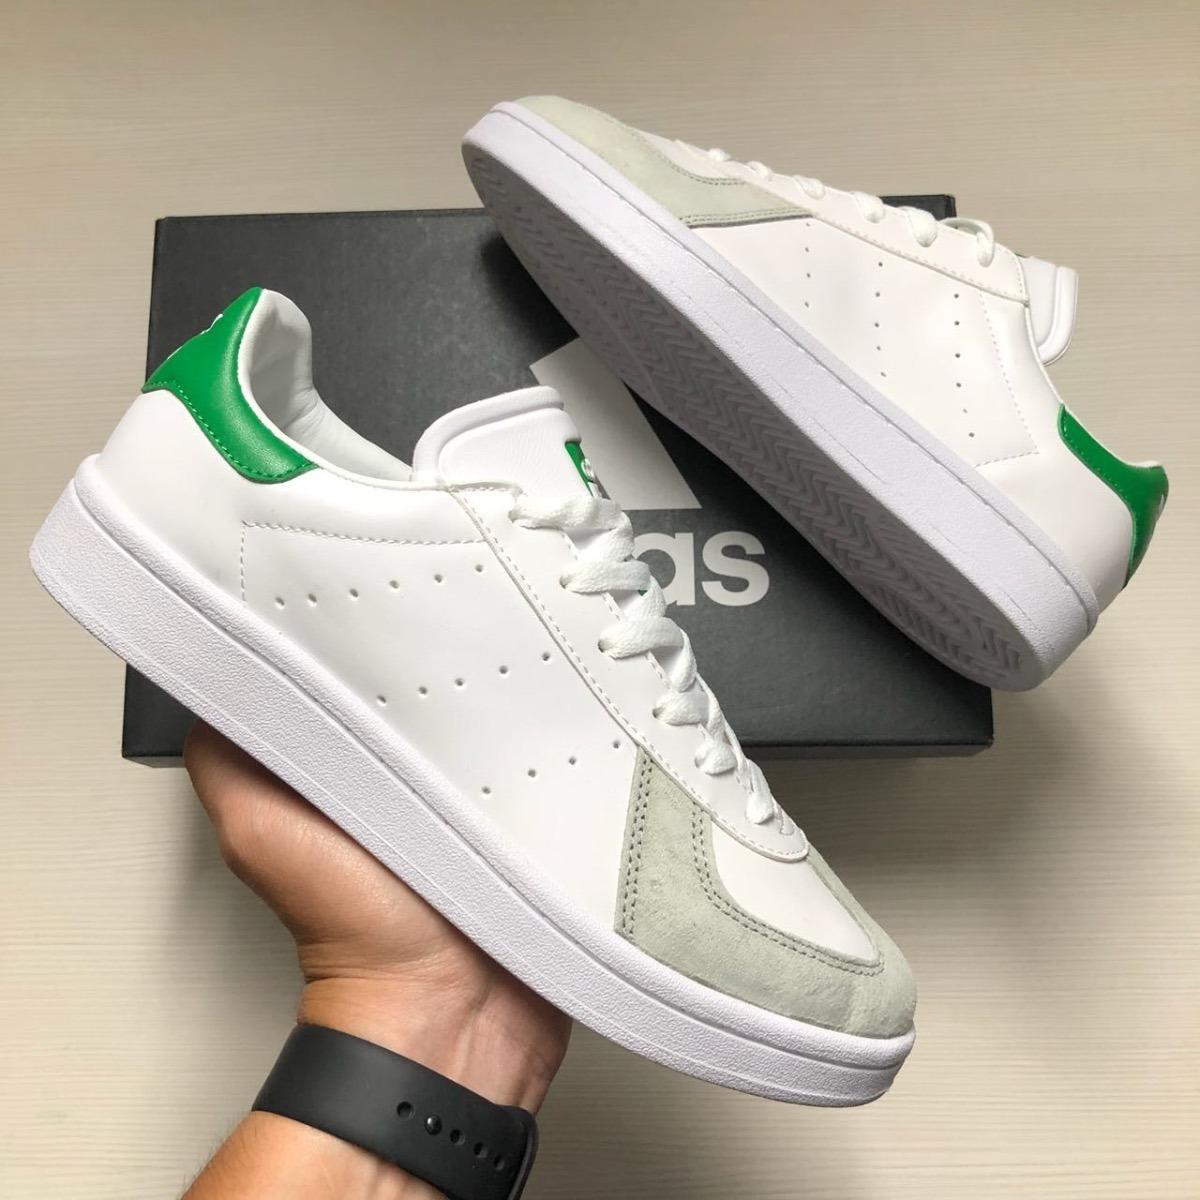 Tenis Zapatillas adidas Tabla Blanca Verde Hombre Env Gr -   144.900 ... 969d57906ac70